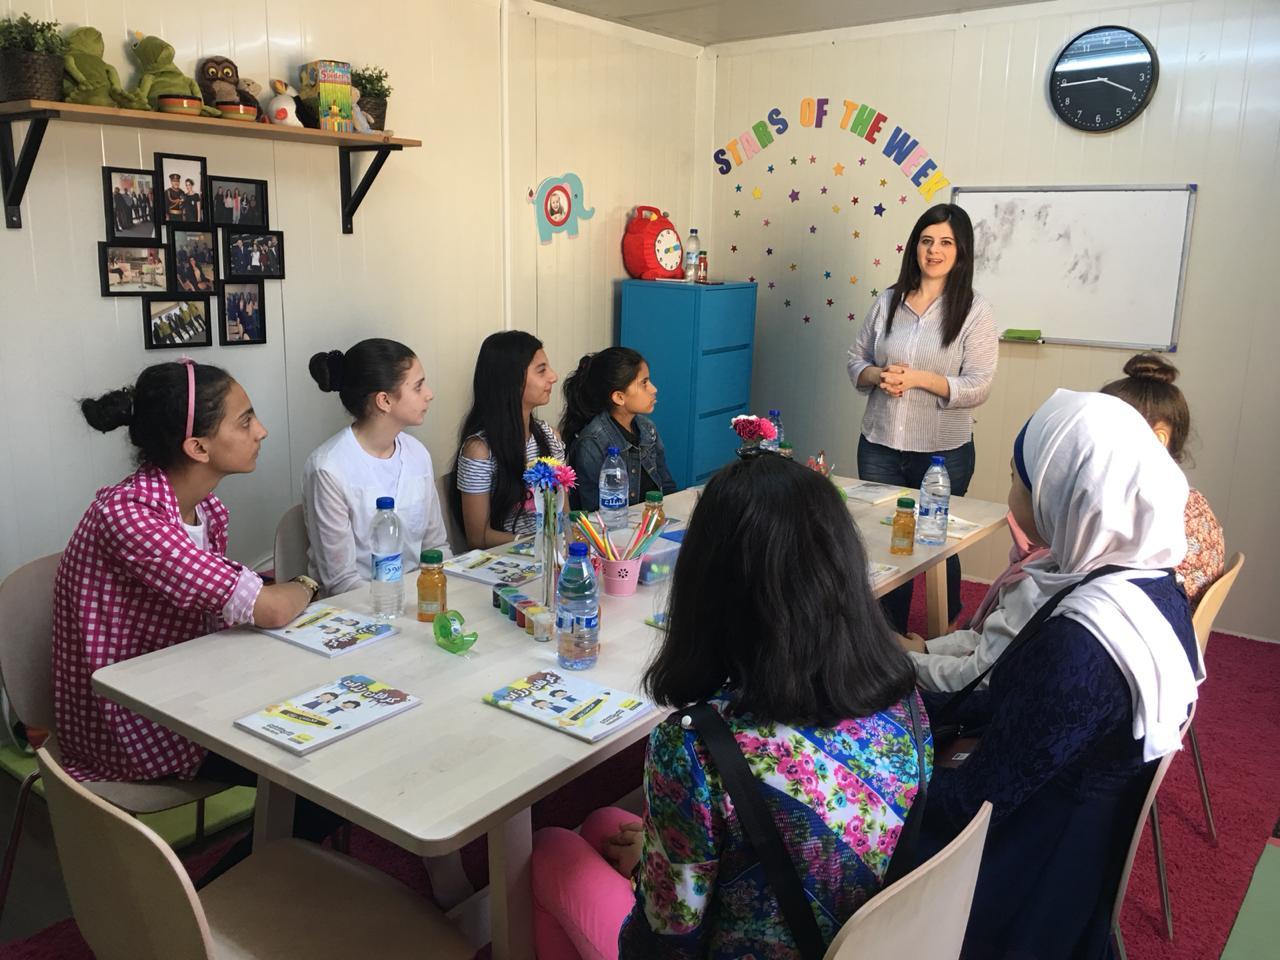 24 ساعة عمل تطوعي في كرفان رزان من أجل التلعيم  ..  صور